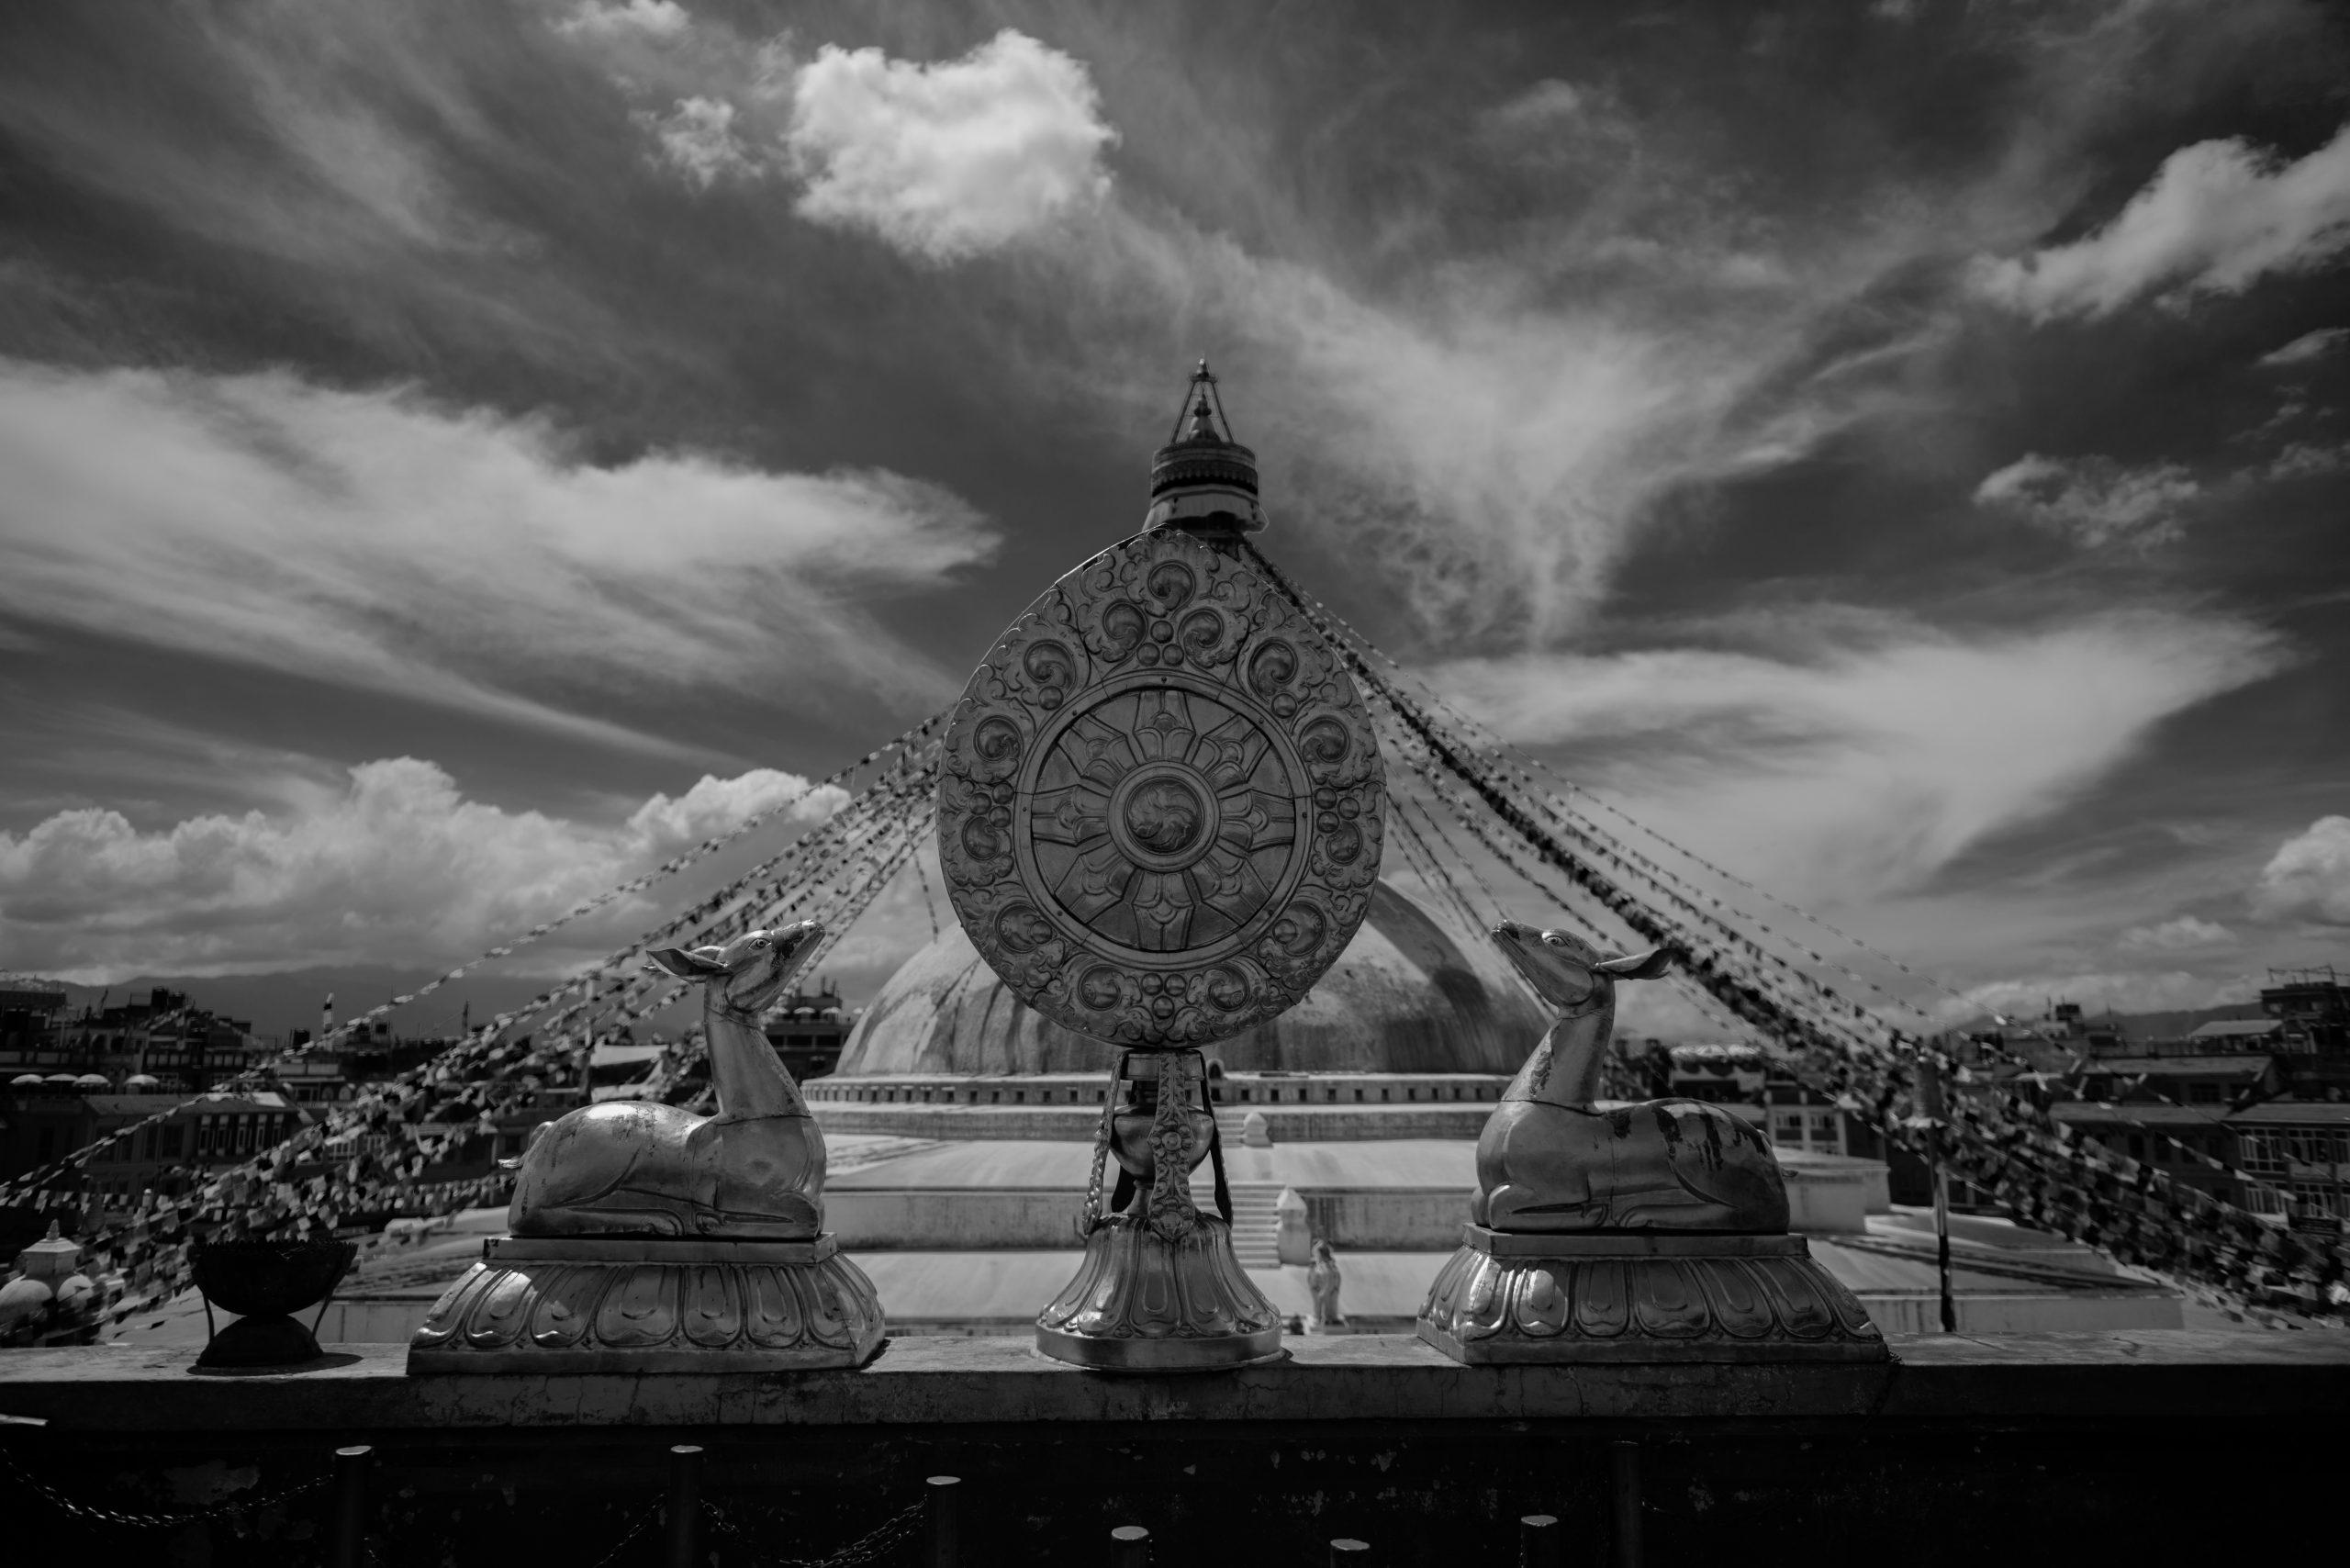 Budnath Stupa, Kathmandu, Nepal